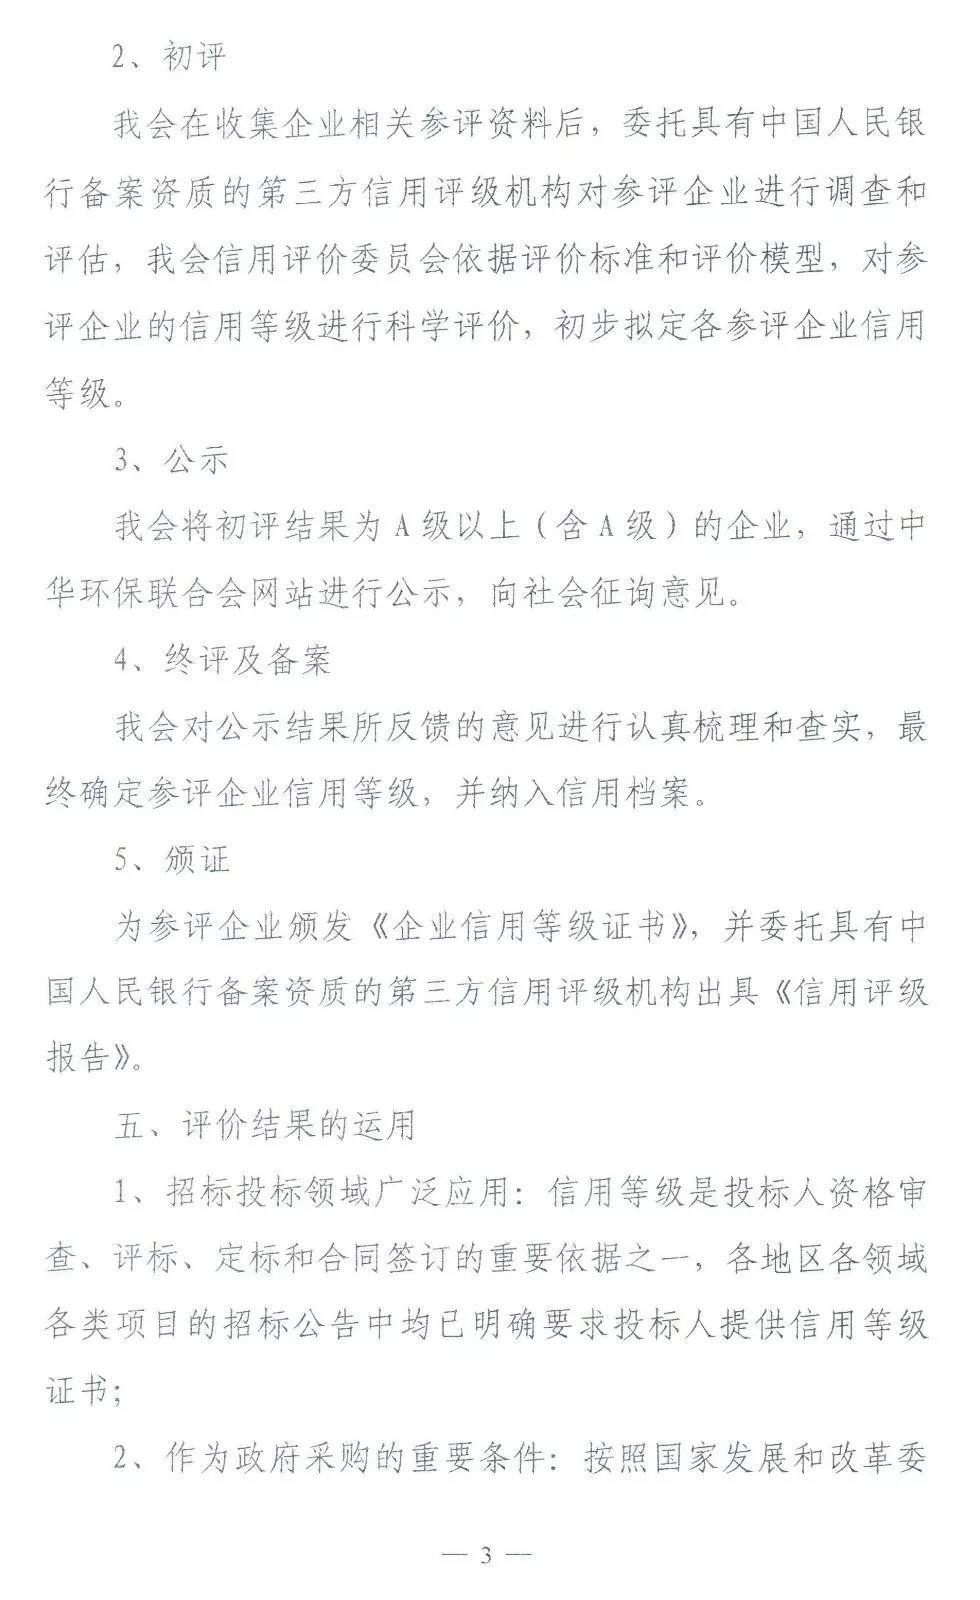 """中华环保联合会开展全国节能环保""""企业信用等级评价""""工作"""